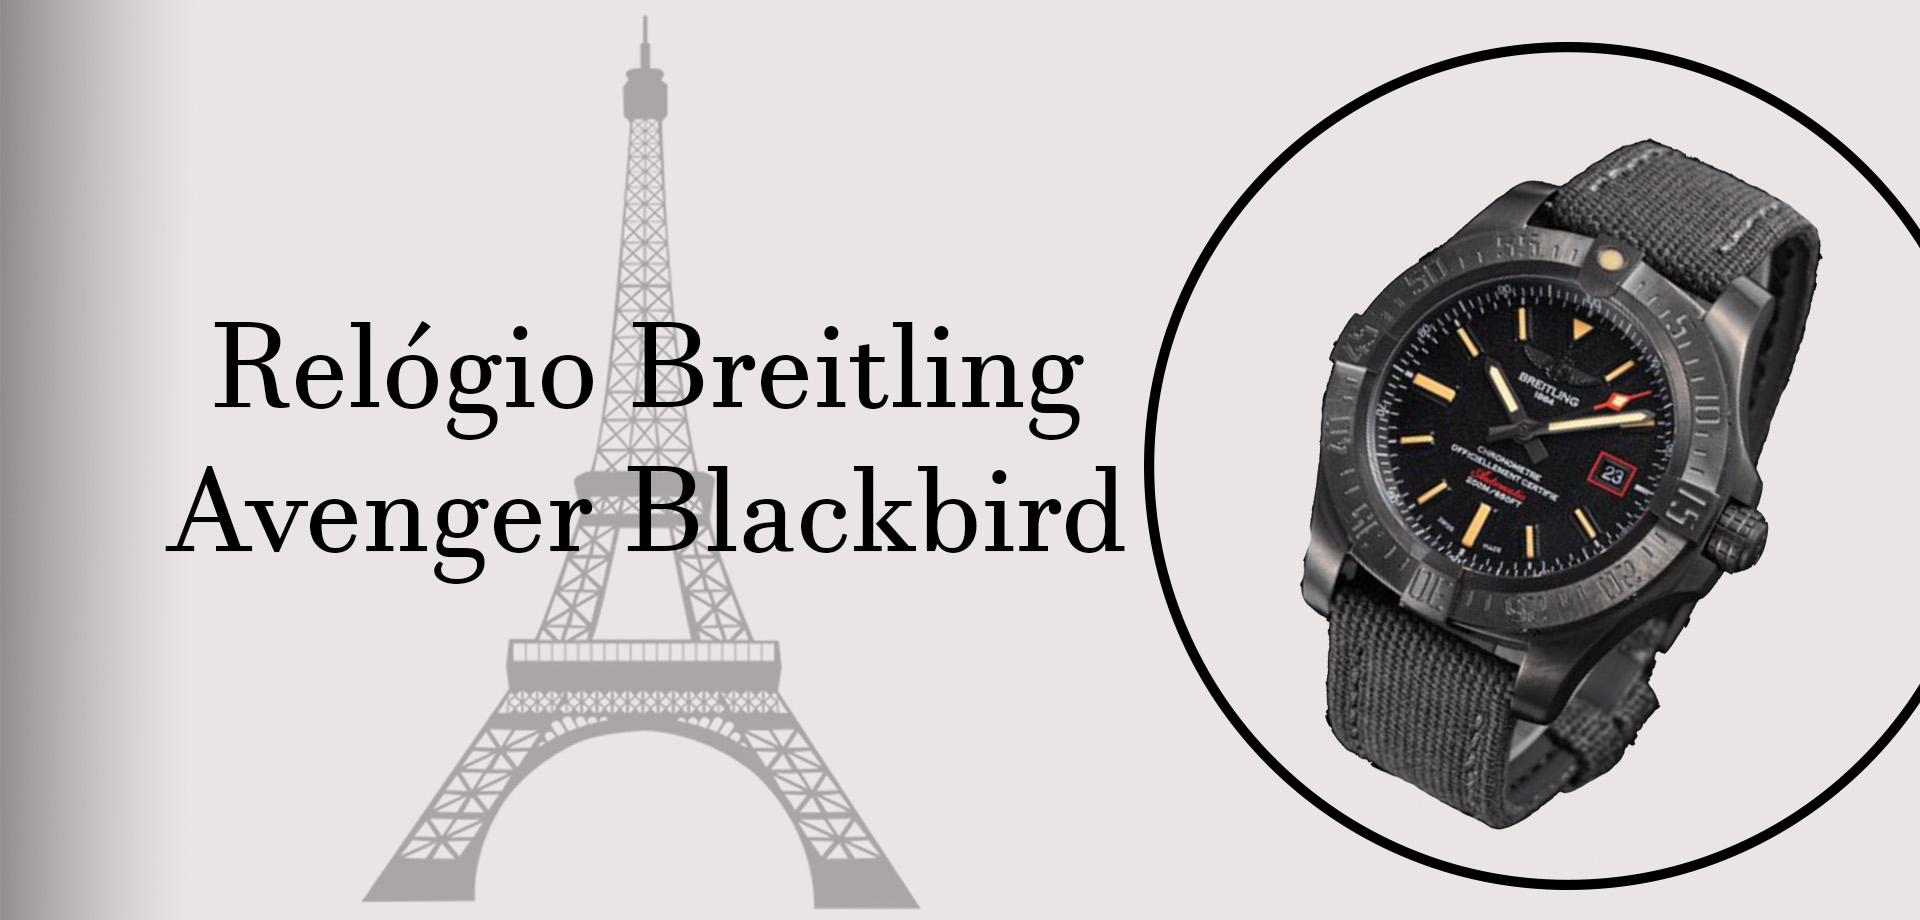 Relógios replica